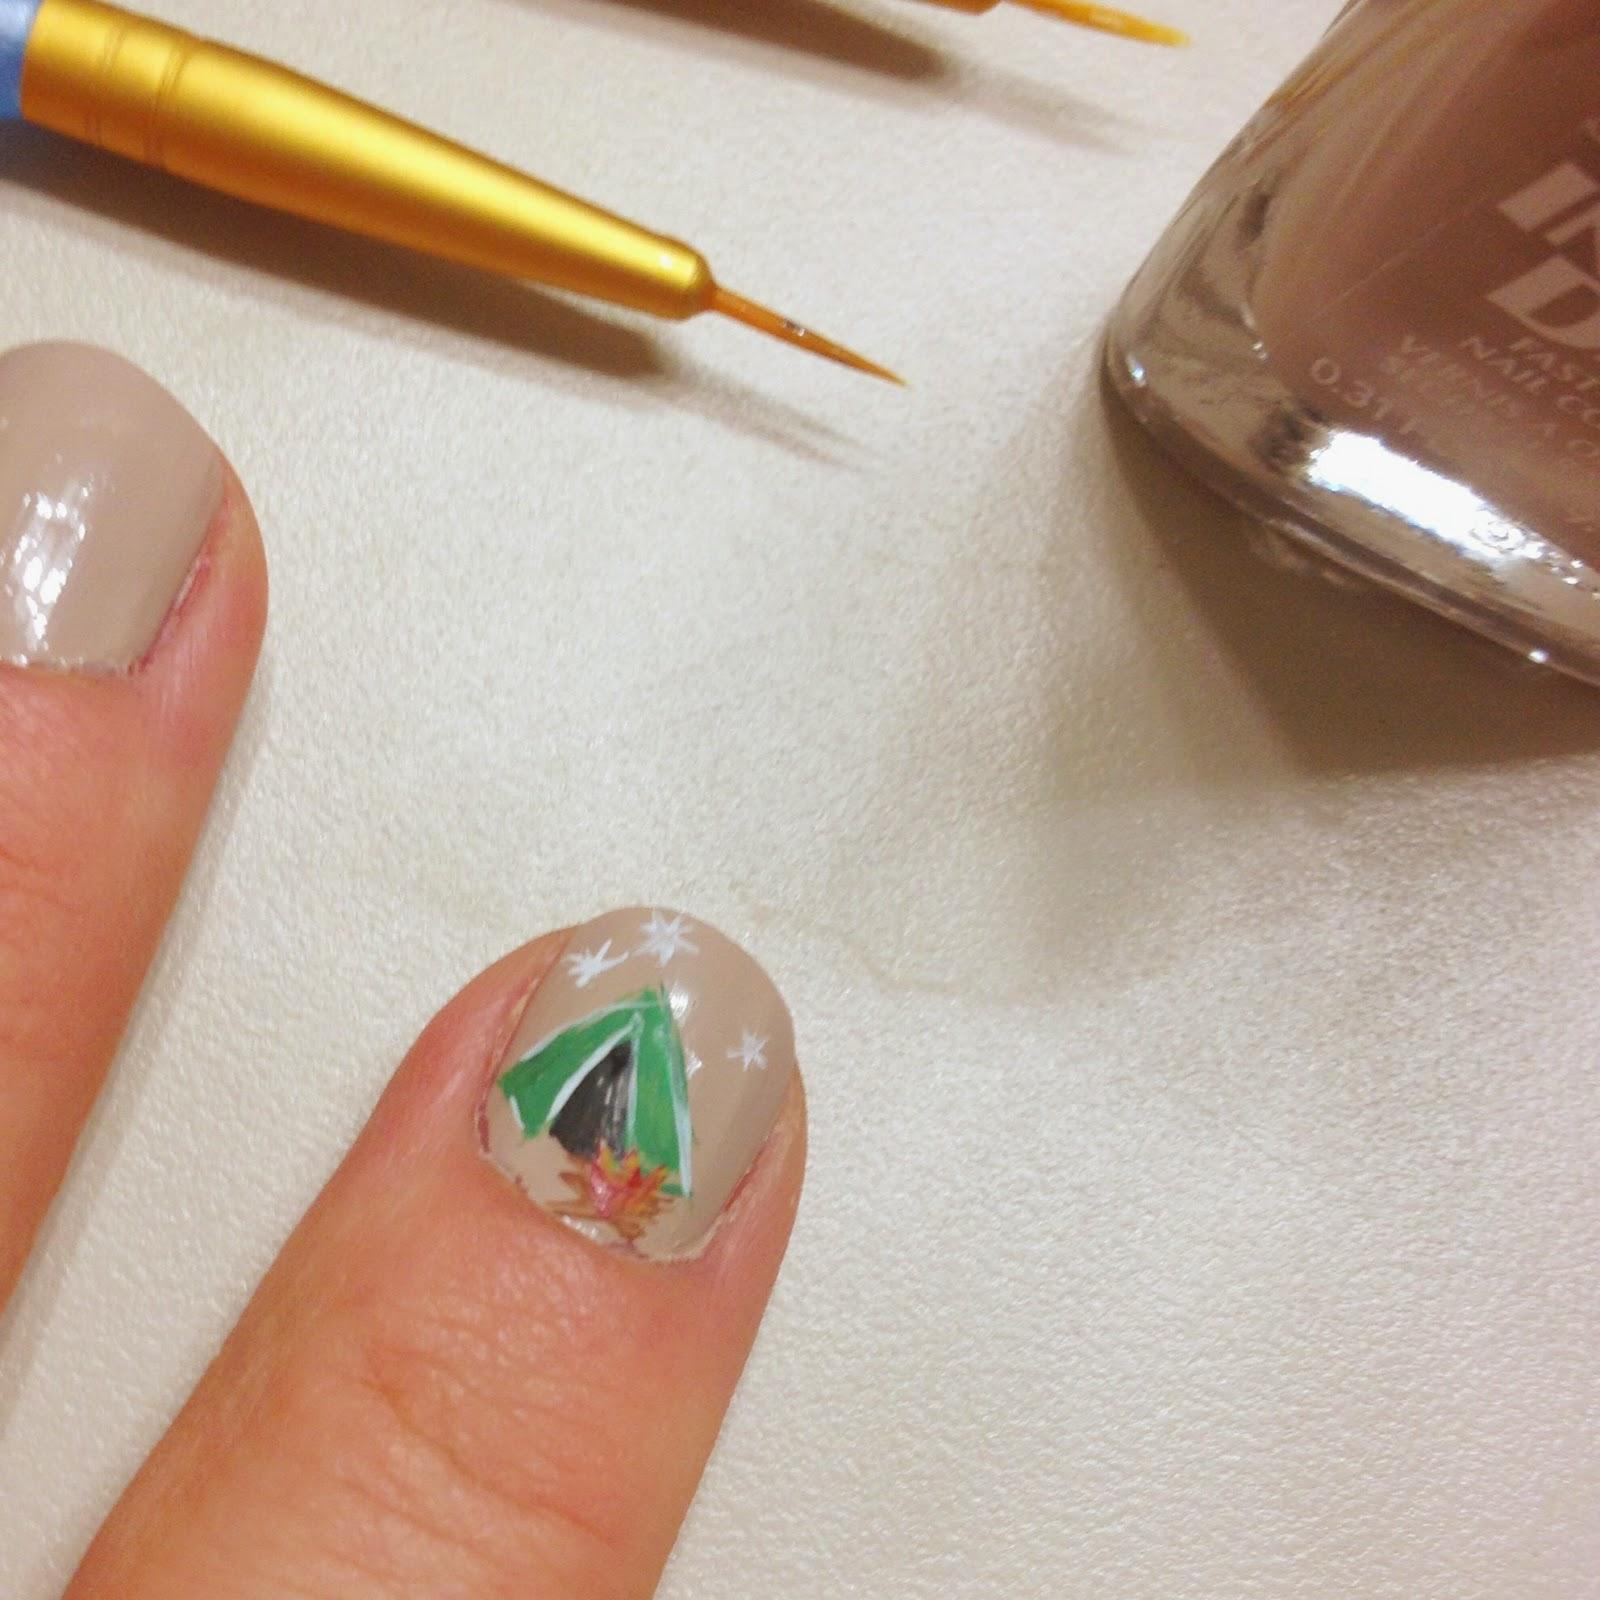 Belle Nail Art: All Things Belle: Impermanent Art